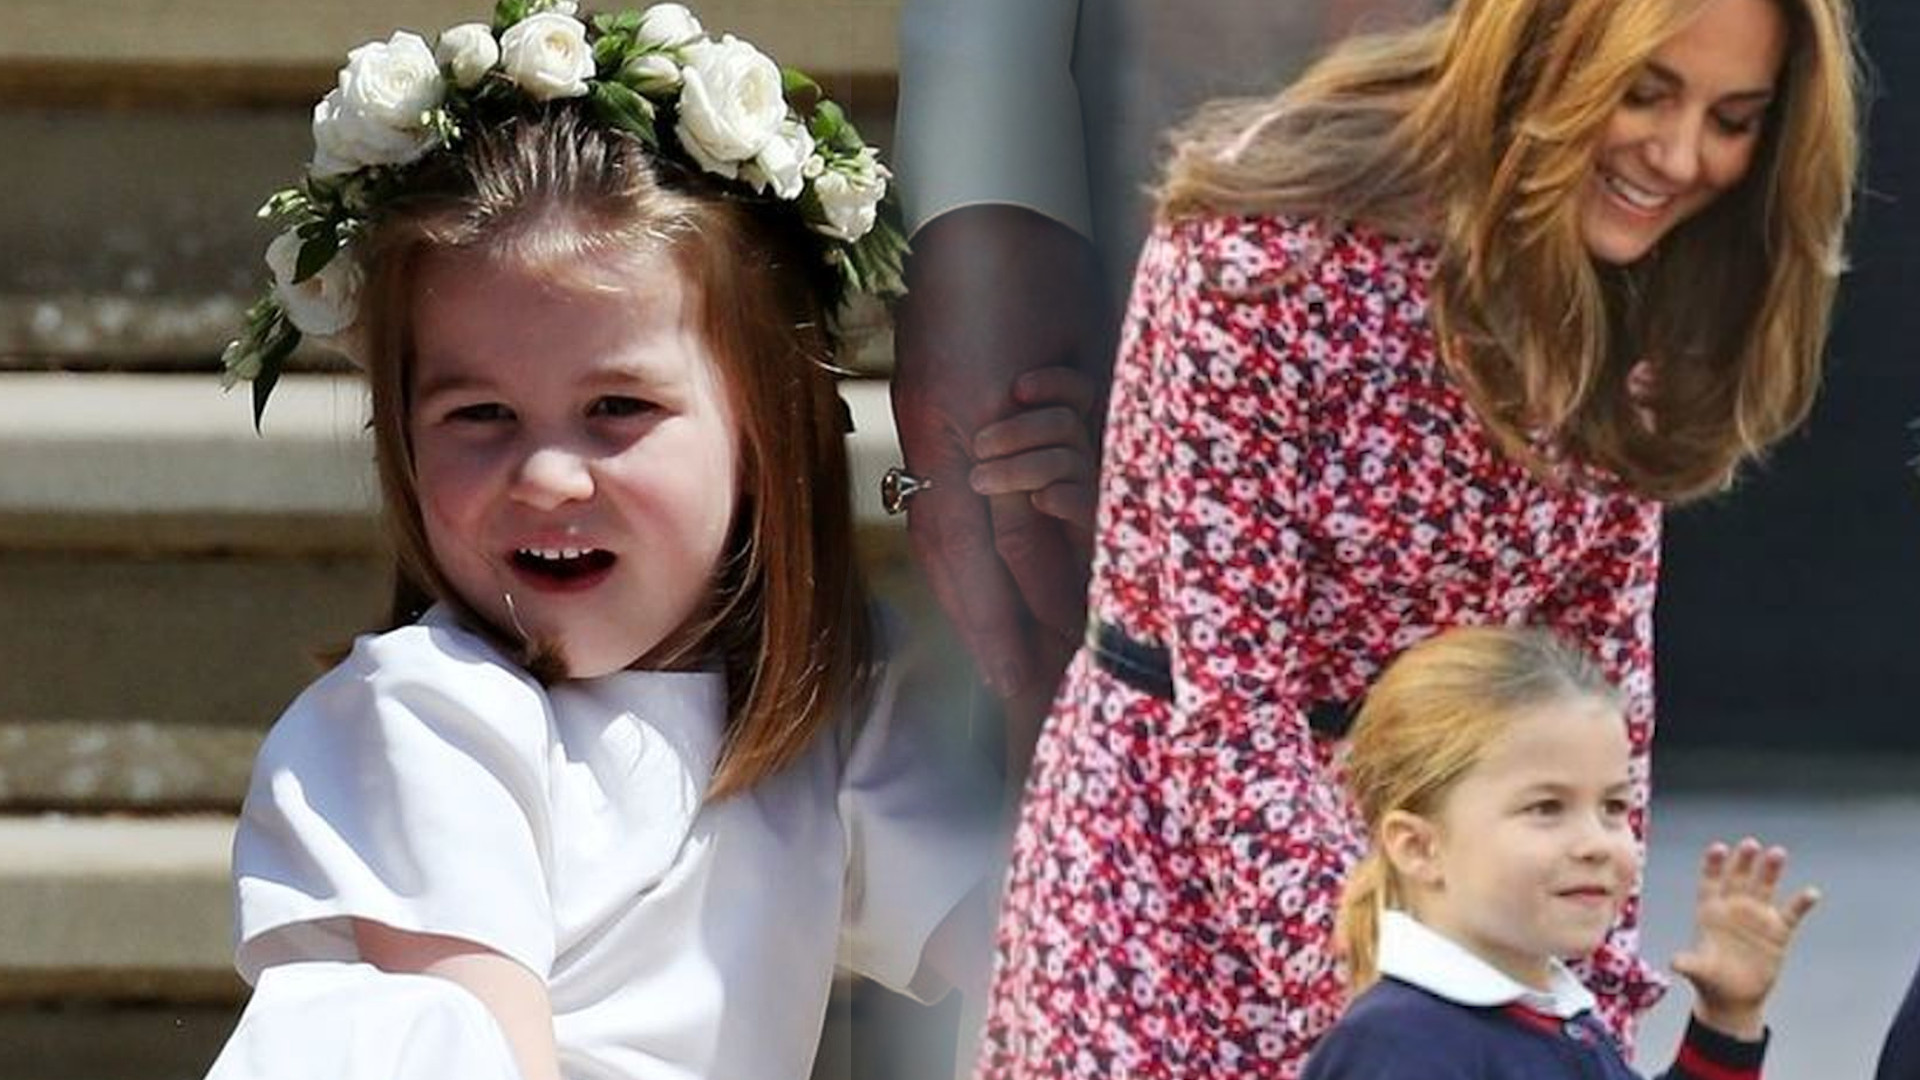 Księżna Kate i książę William odprowadzają księżniczkę Charlotte do szkoły (ZDJĘCIA)